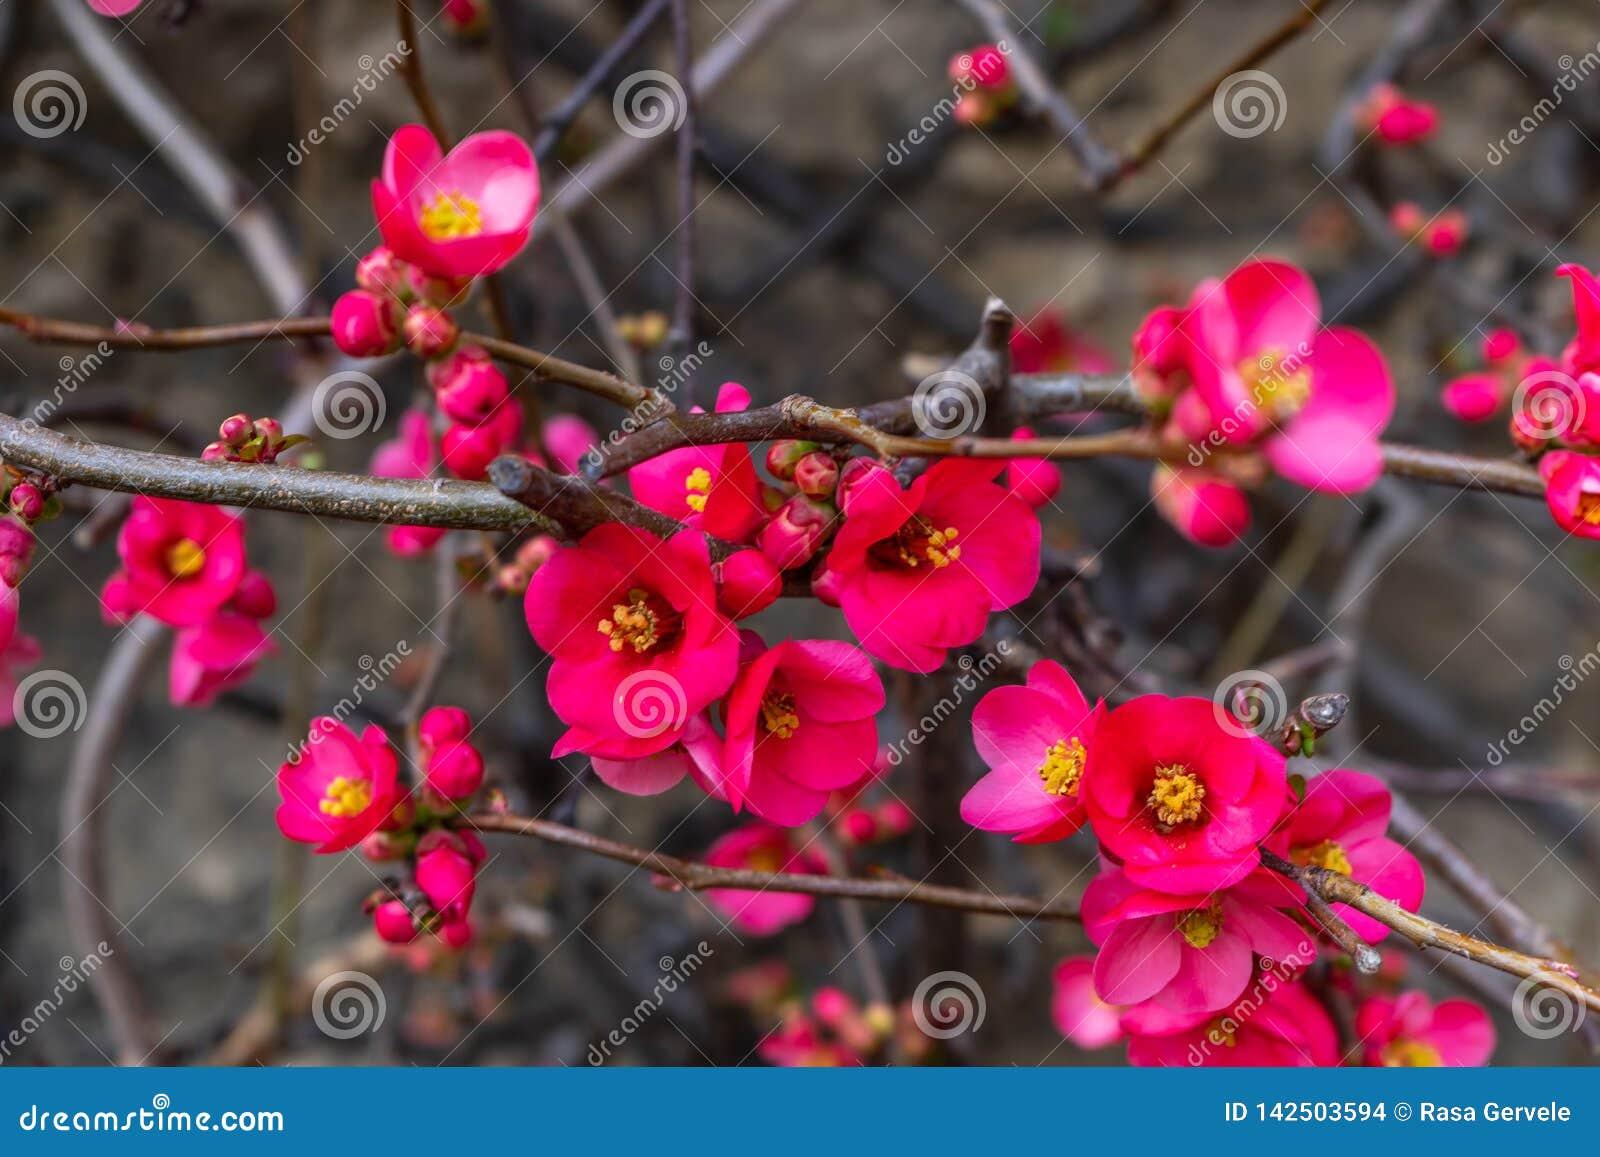 Зацветая одичалая слива Розовый лепесток Предыдущая весна в Англии